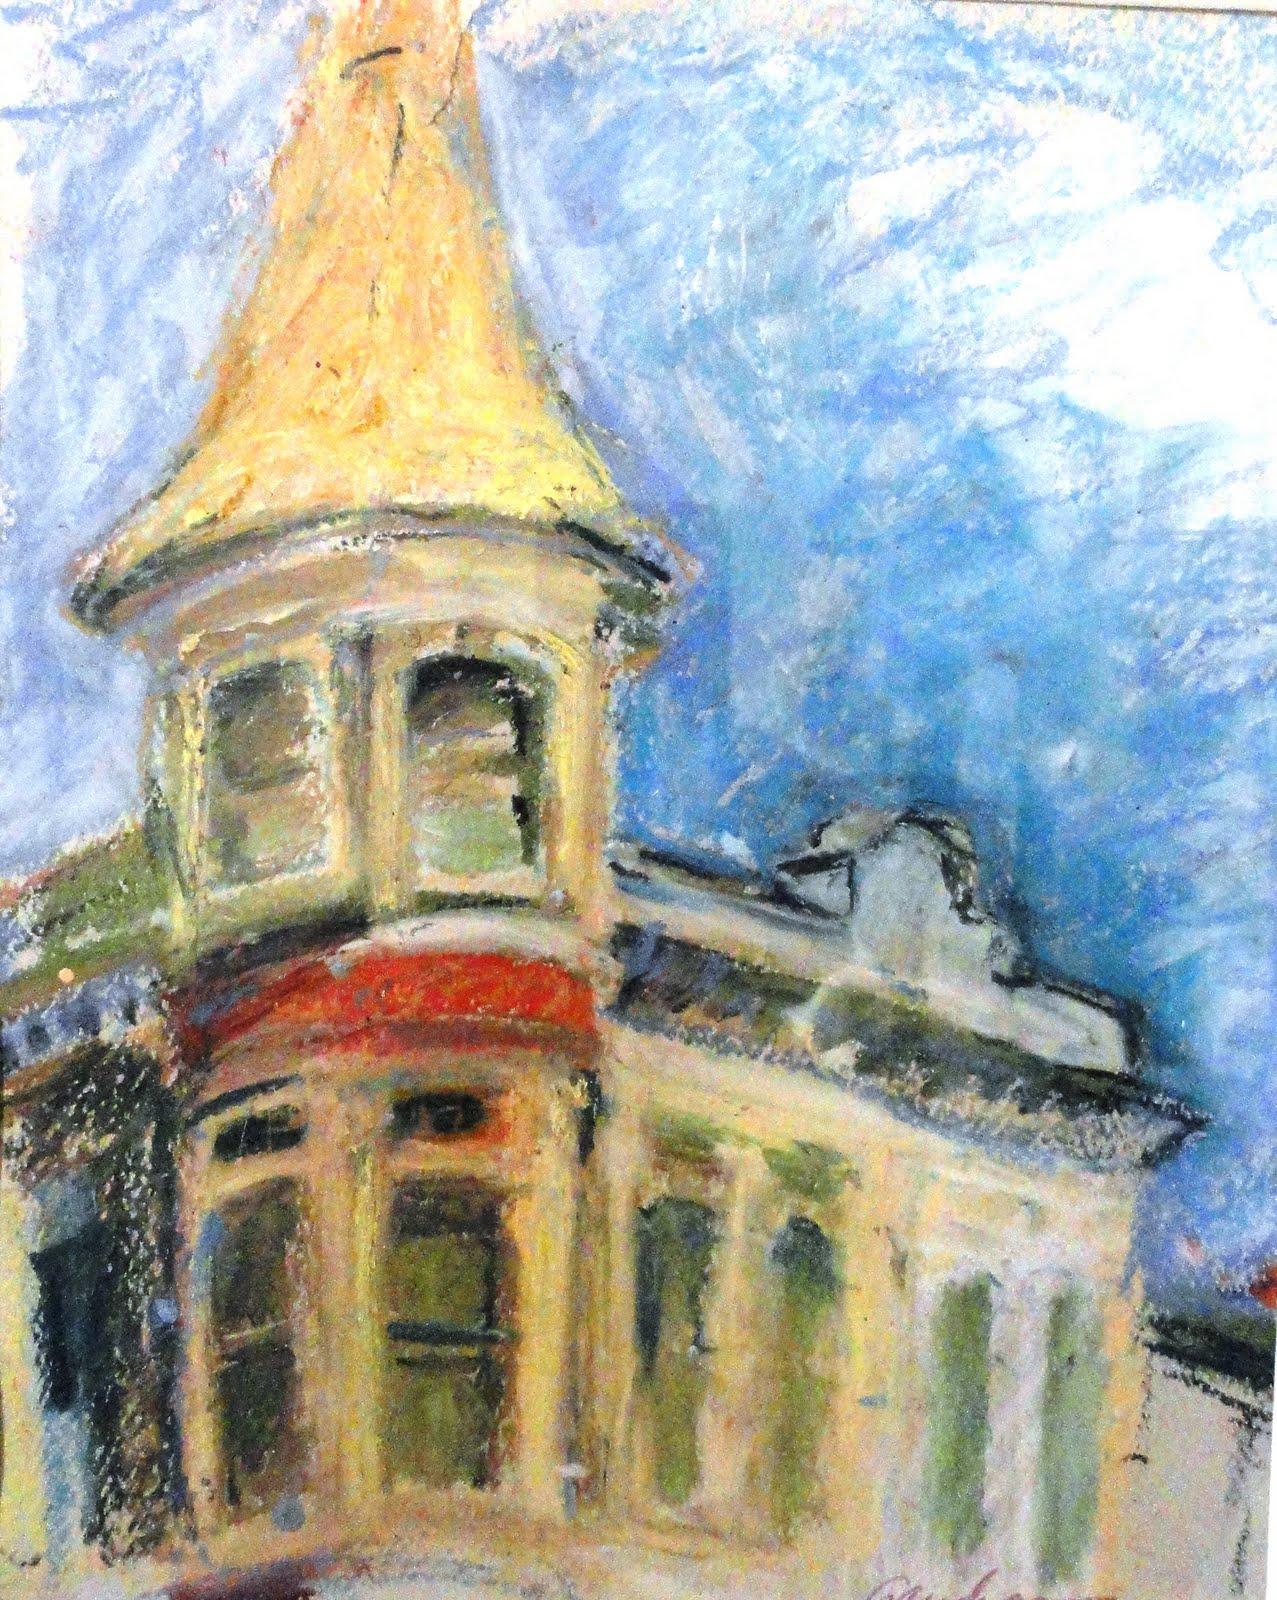 michael gaudreau art & story: McLhinney Building-Havre de Grace, MD